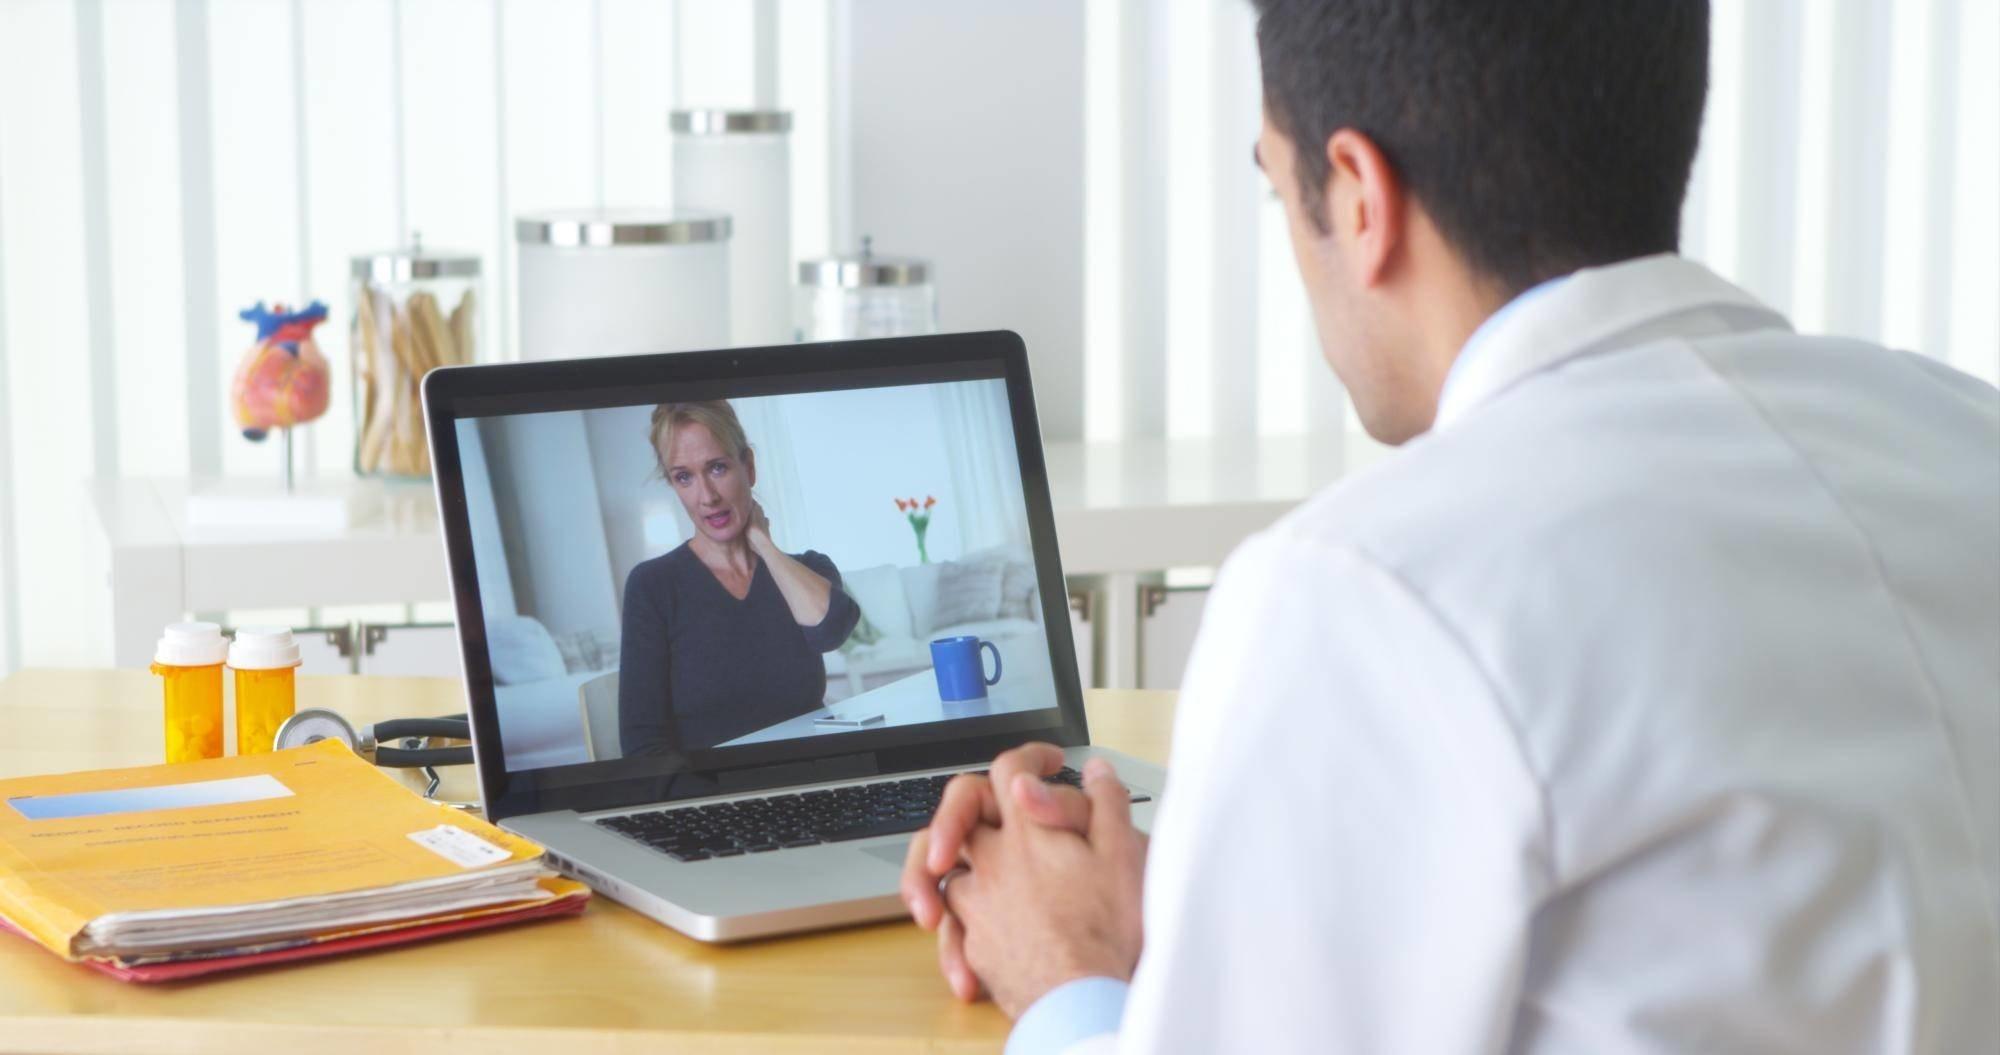 Telemedicina: benefícios da videochamada para atendimento médico